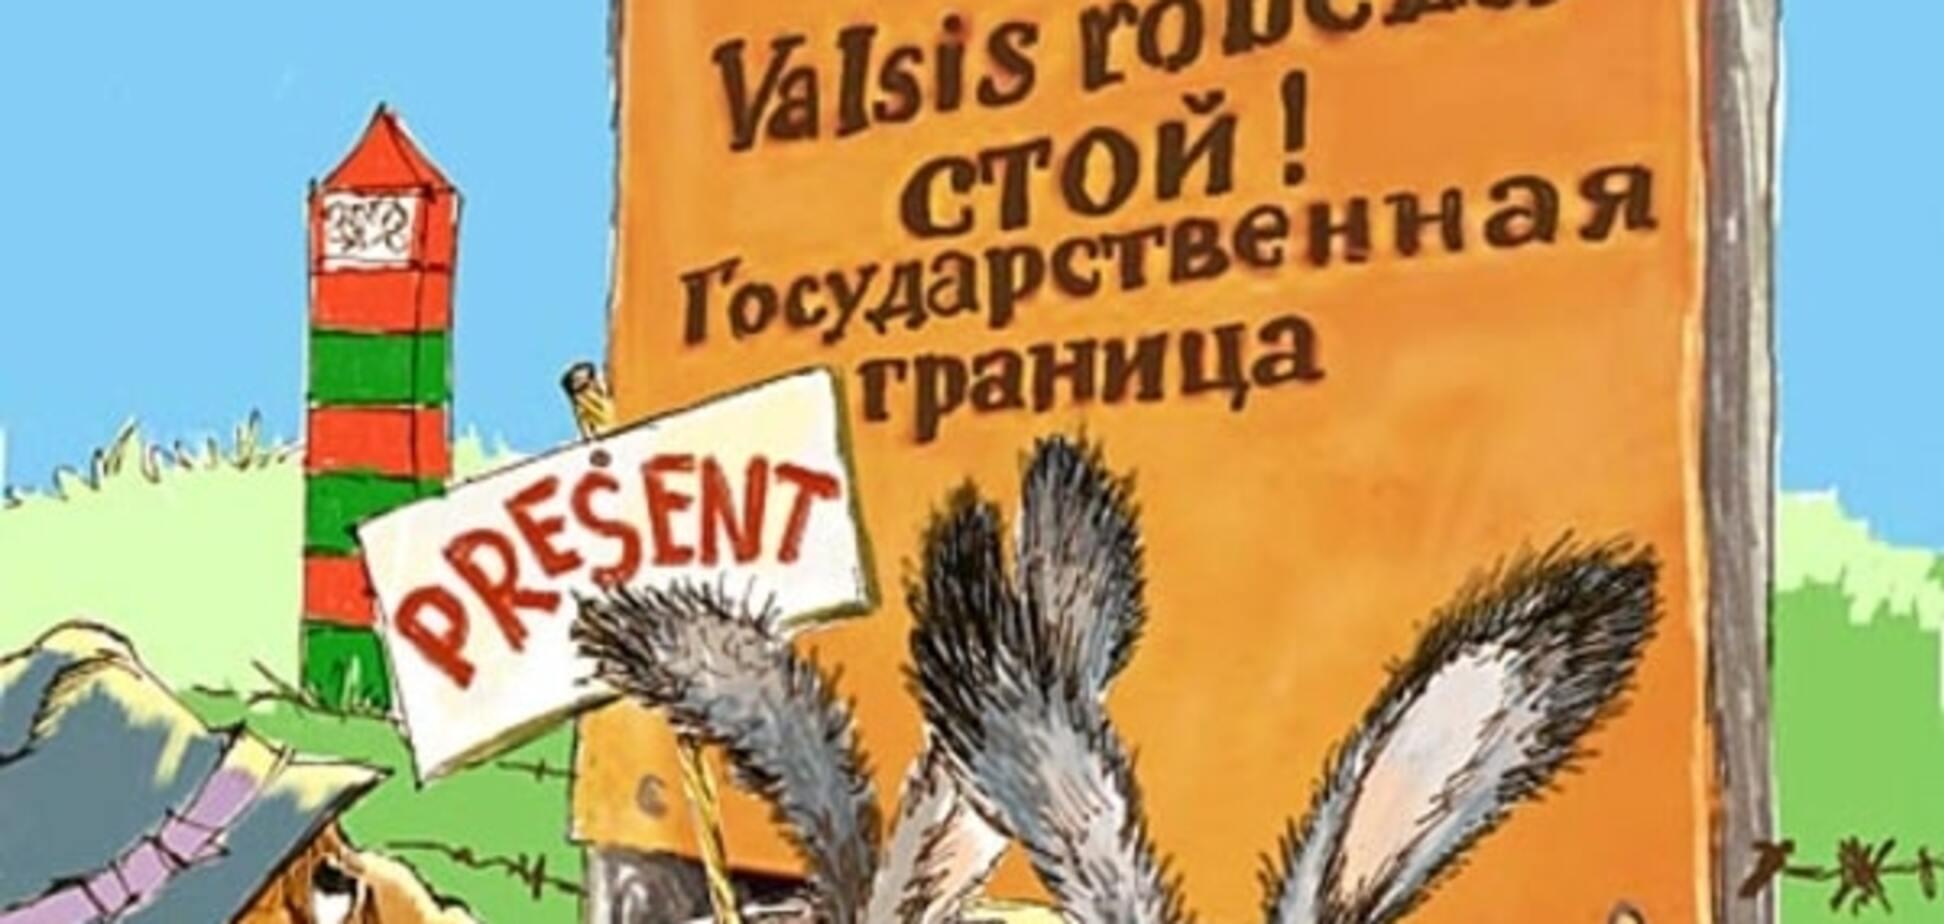 Настоящий дипломат: Рогозин пообещал 'дефективной' Прибалтике 'от мертвого осла уши'